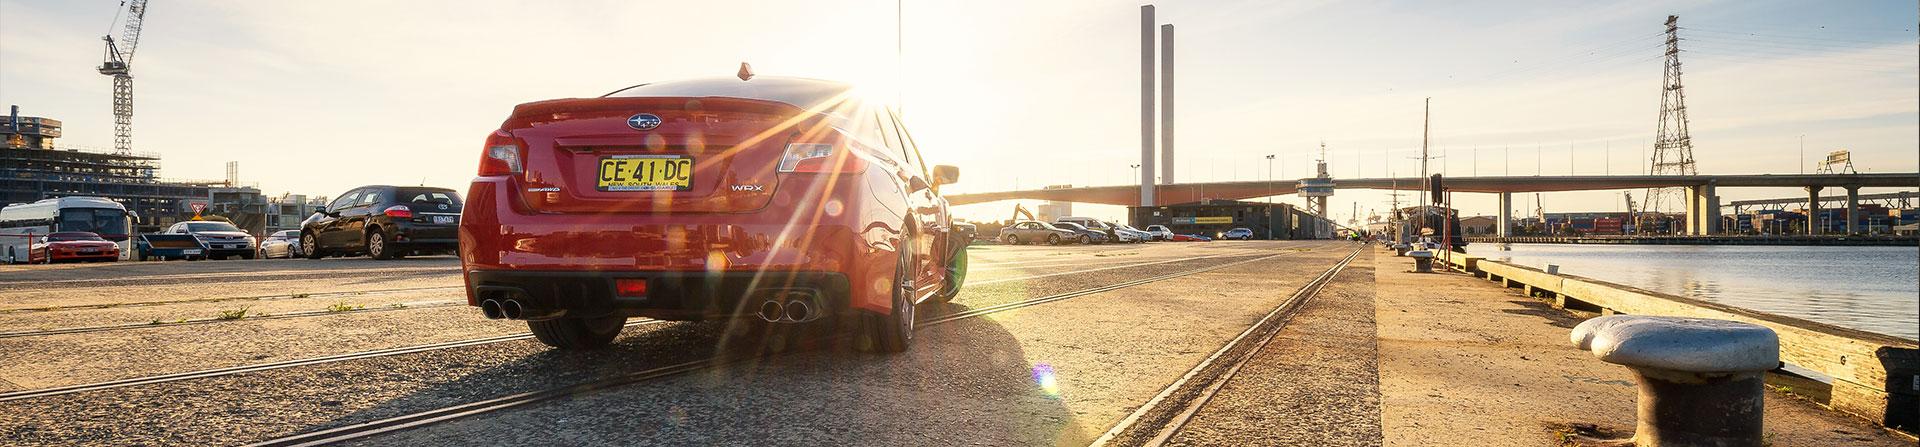 Subaru WRX Image 6